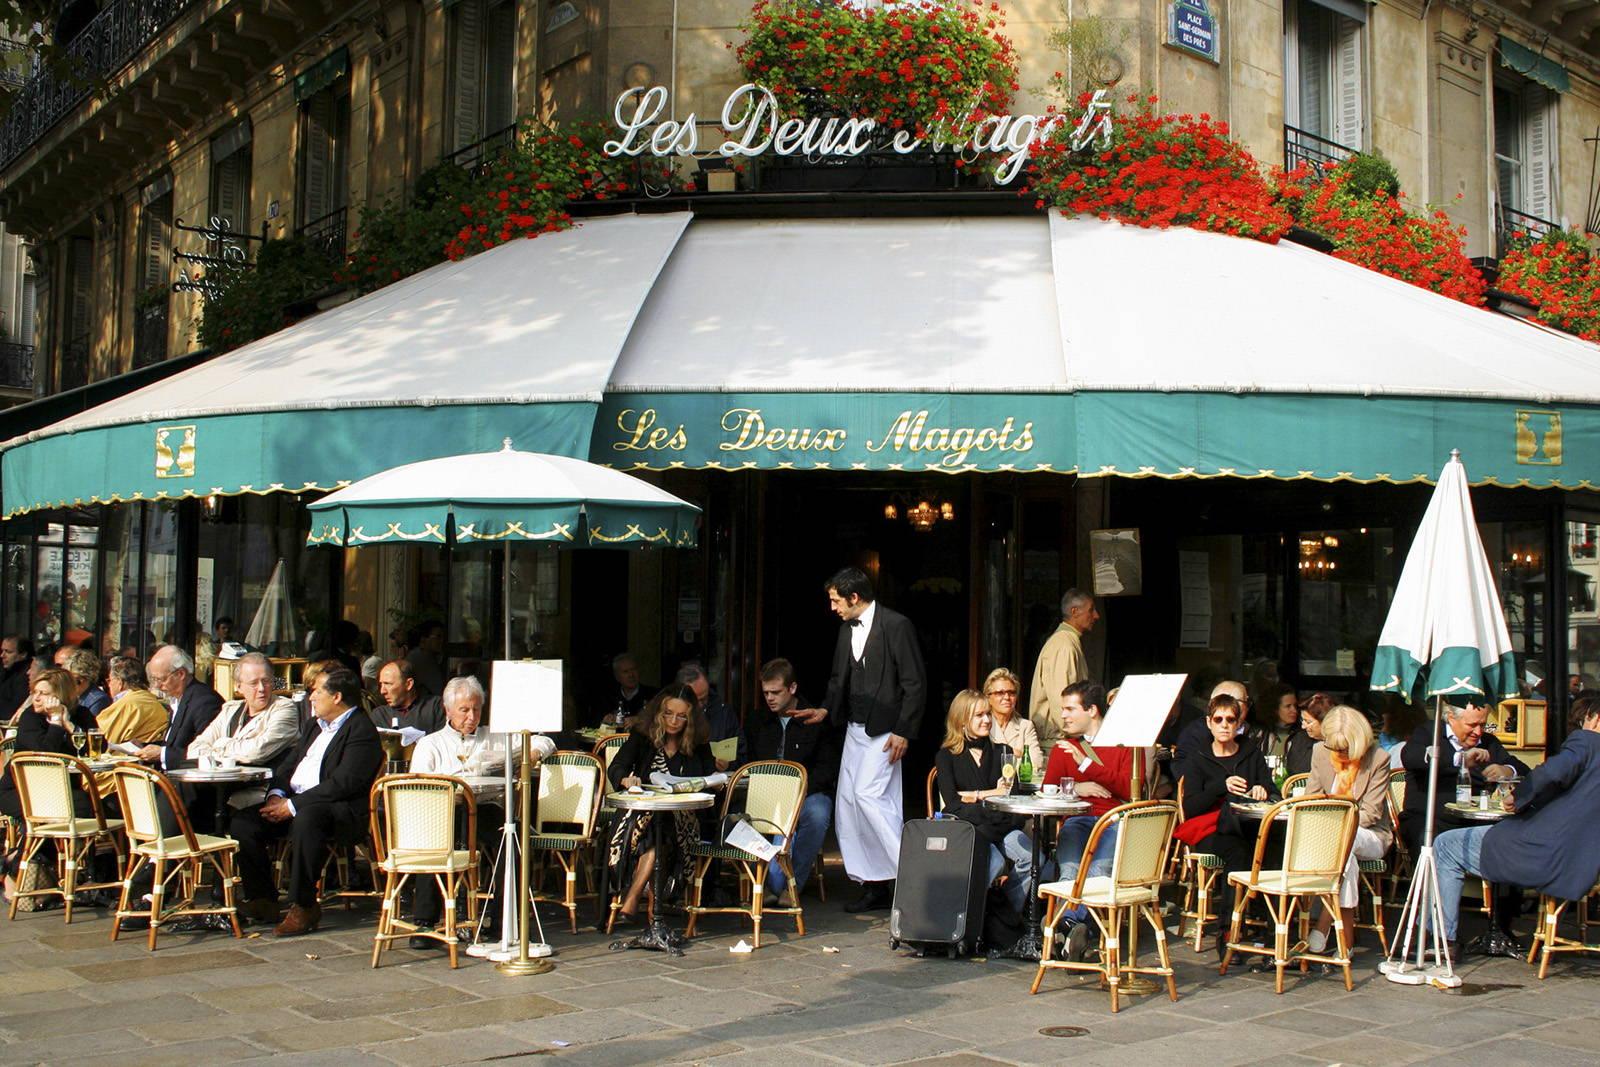 Παρίσι-Les Deux Magots, Café de la Paix και τόσα άλλα